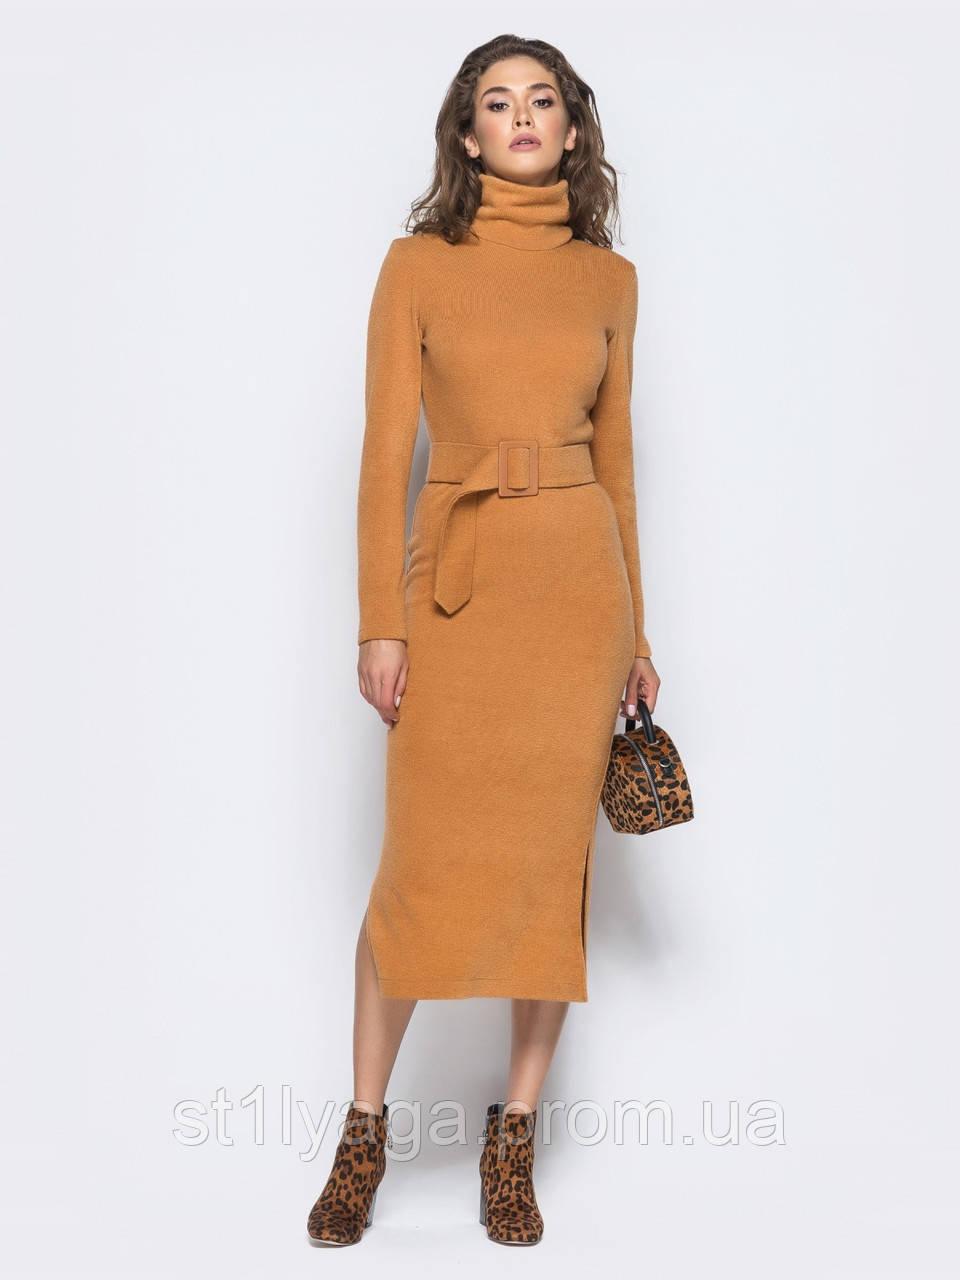 Приталенное платье-гольф  под горло с длинным рукавом и поясом в комплекте